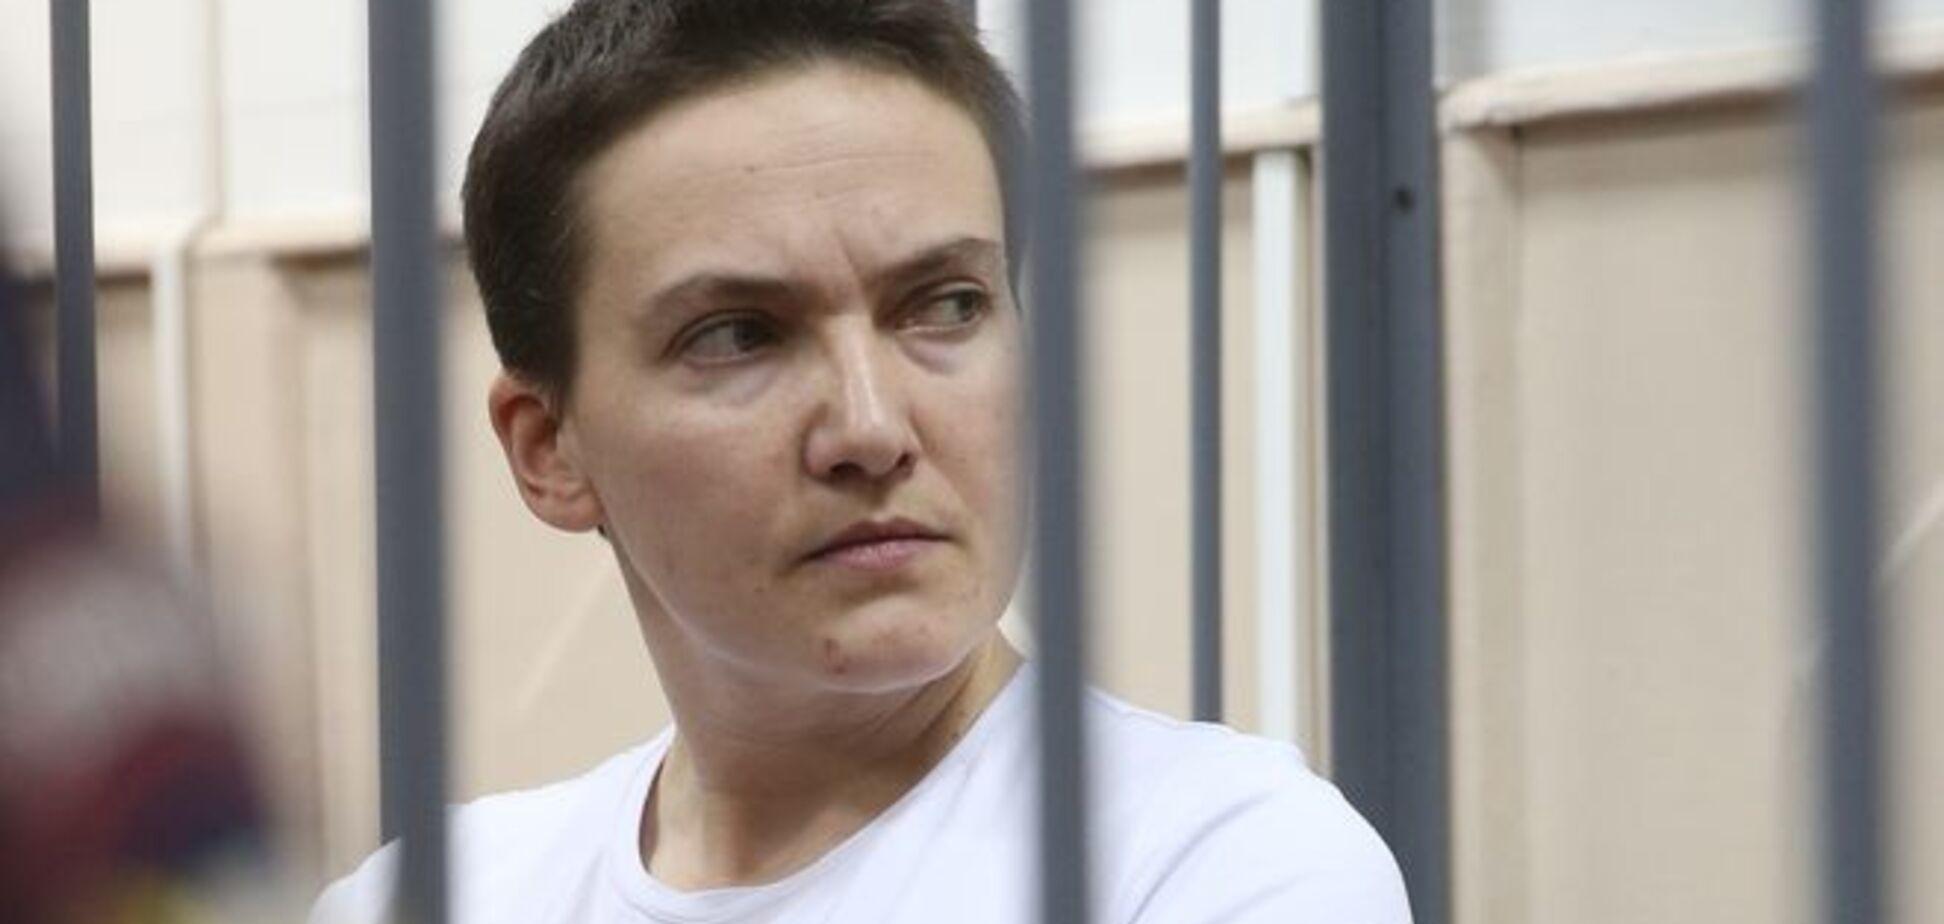 У Лаврова давали слідчим у справі Савченко 'політичні вказівки': опубліковані документи